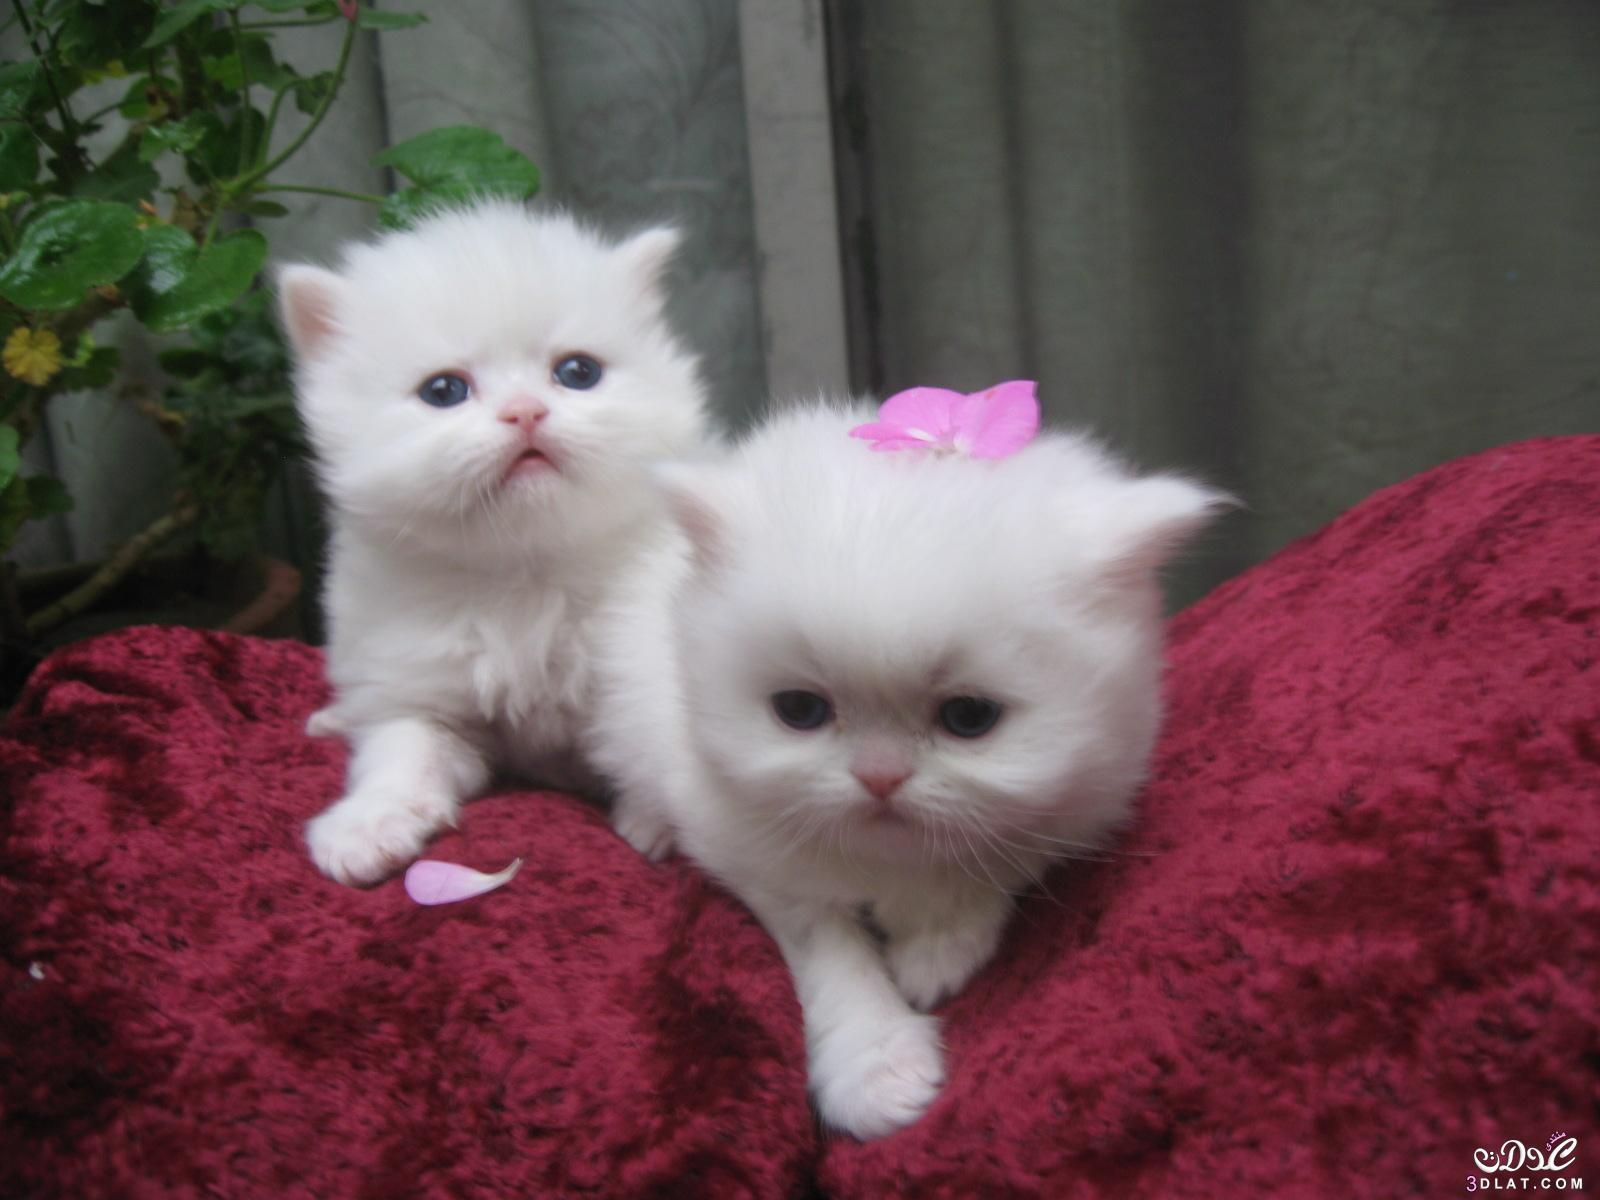 بالصور صور قطط جميلة , بالصور اجمل قطط فى العالم 5860 3